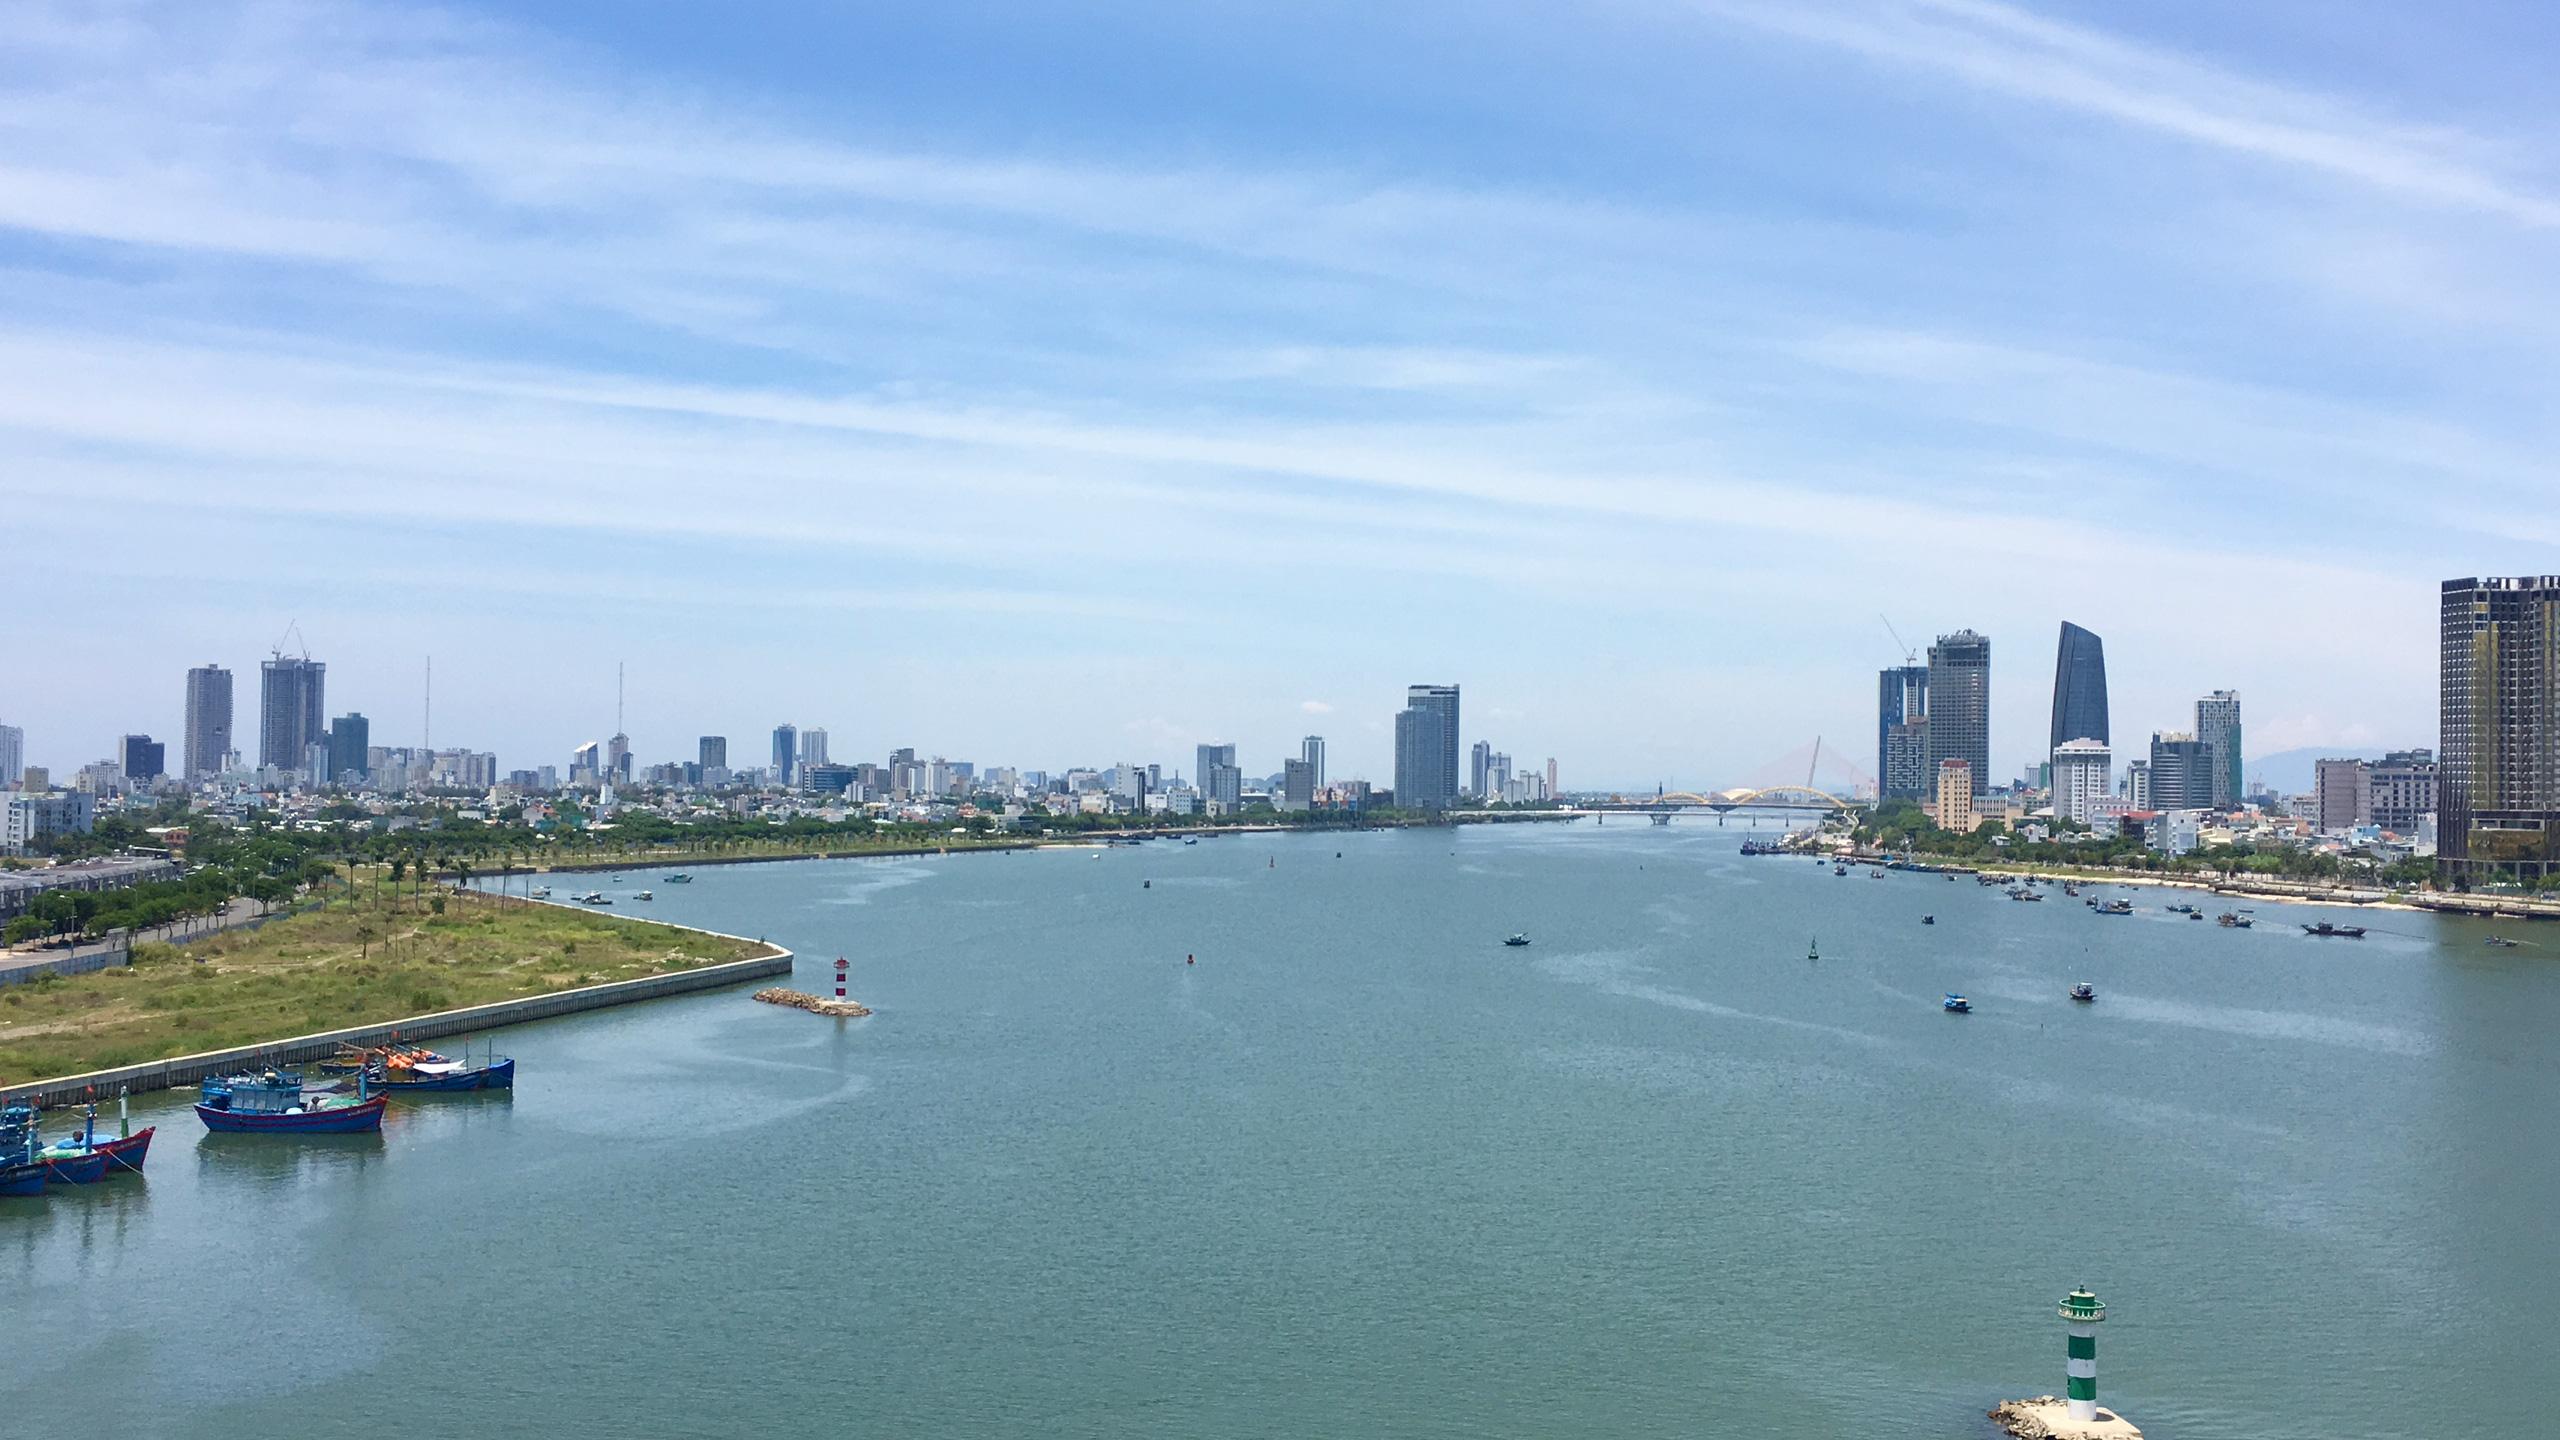 Hạ tầng ven sông Hàn Đà Nẵng hiện tại và trong tương lai - Ảnh 1.